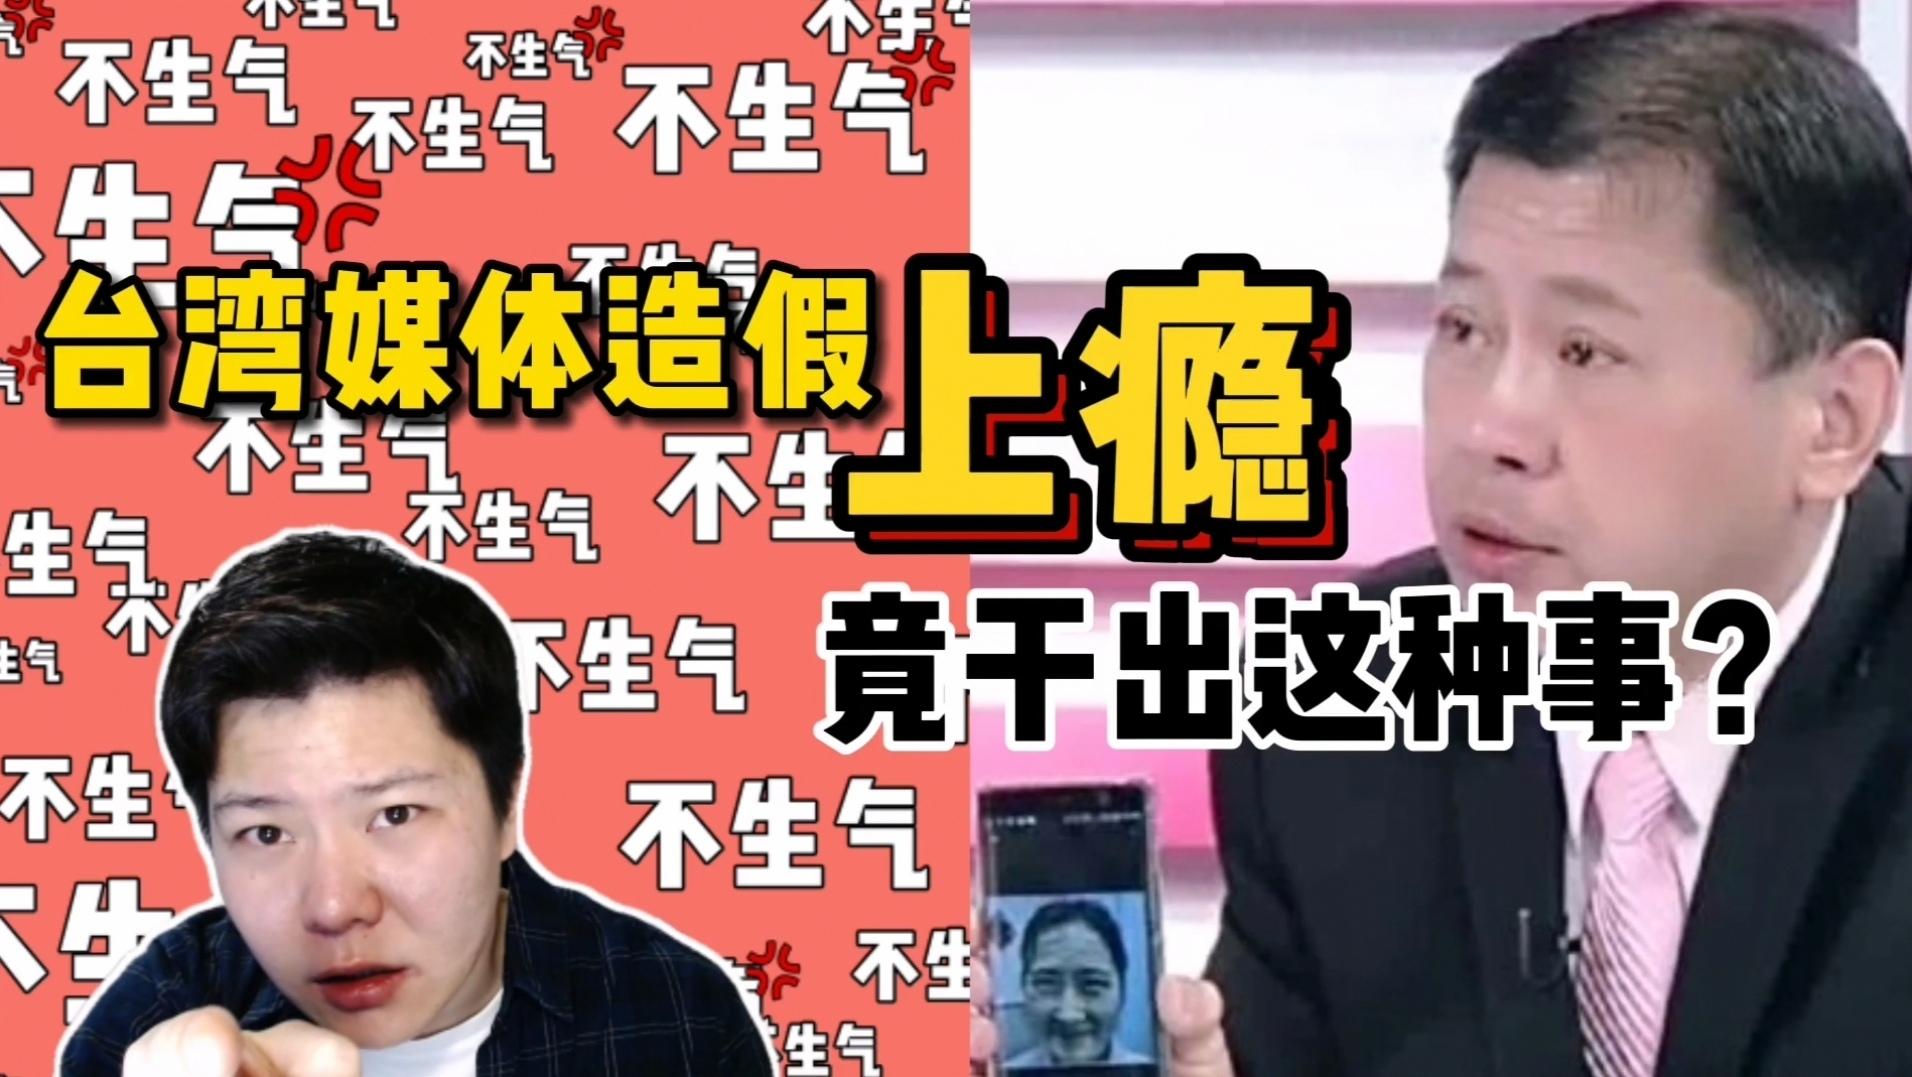 台湾媒体制造假新闻上瘾,竟恬不知耻地冒用大陆最美医护人员照片图片